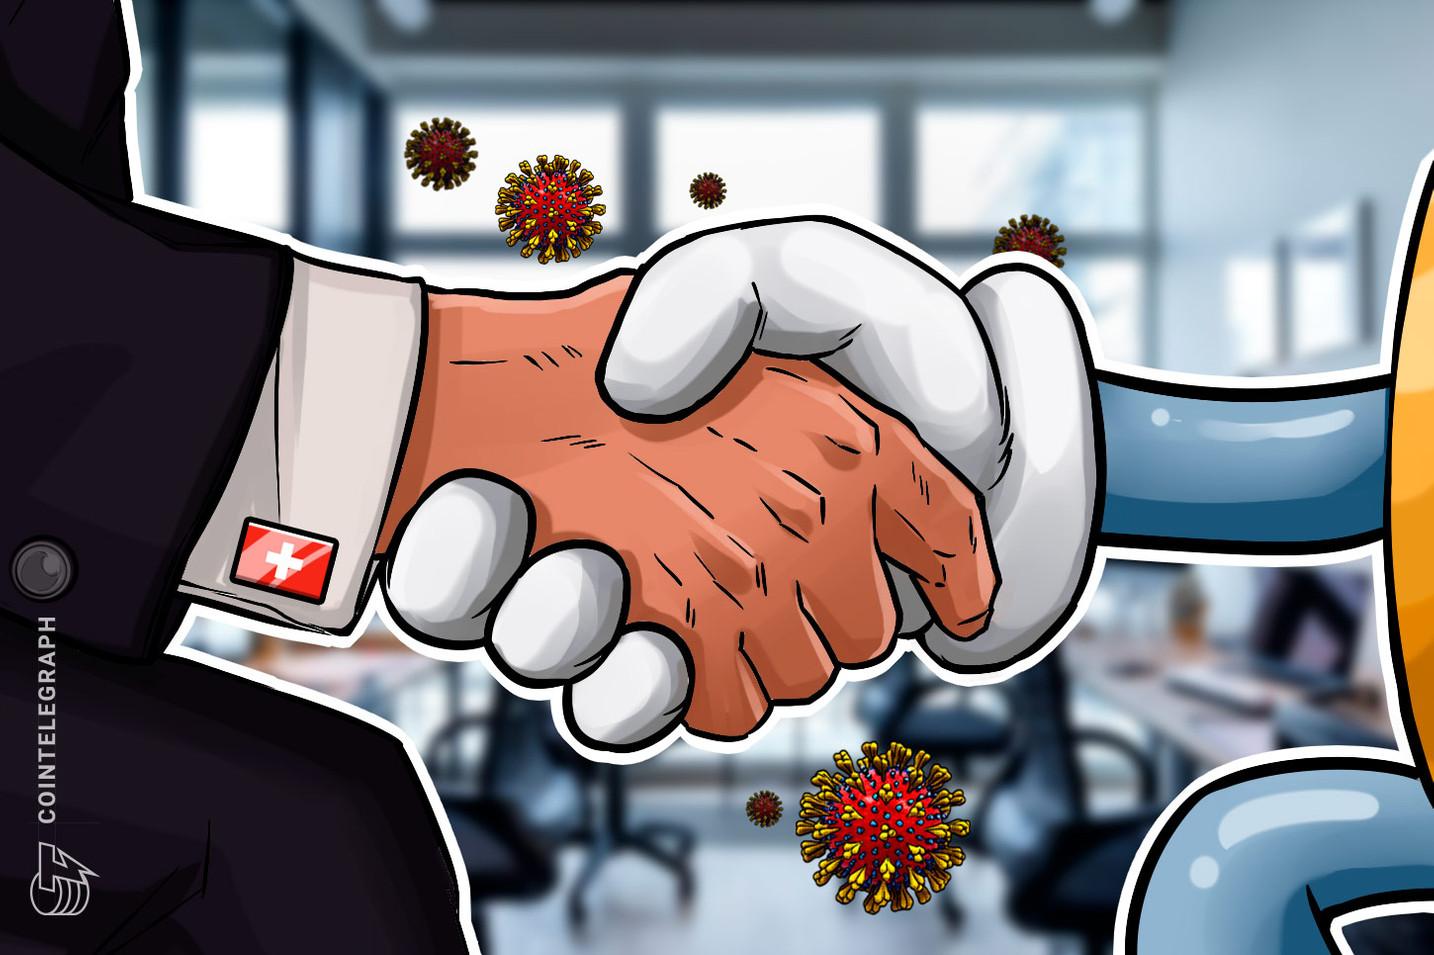 وادي العملات المشفرة السويسري المتعسر يطلب مساعدة الحكومة